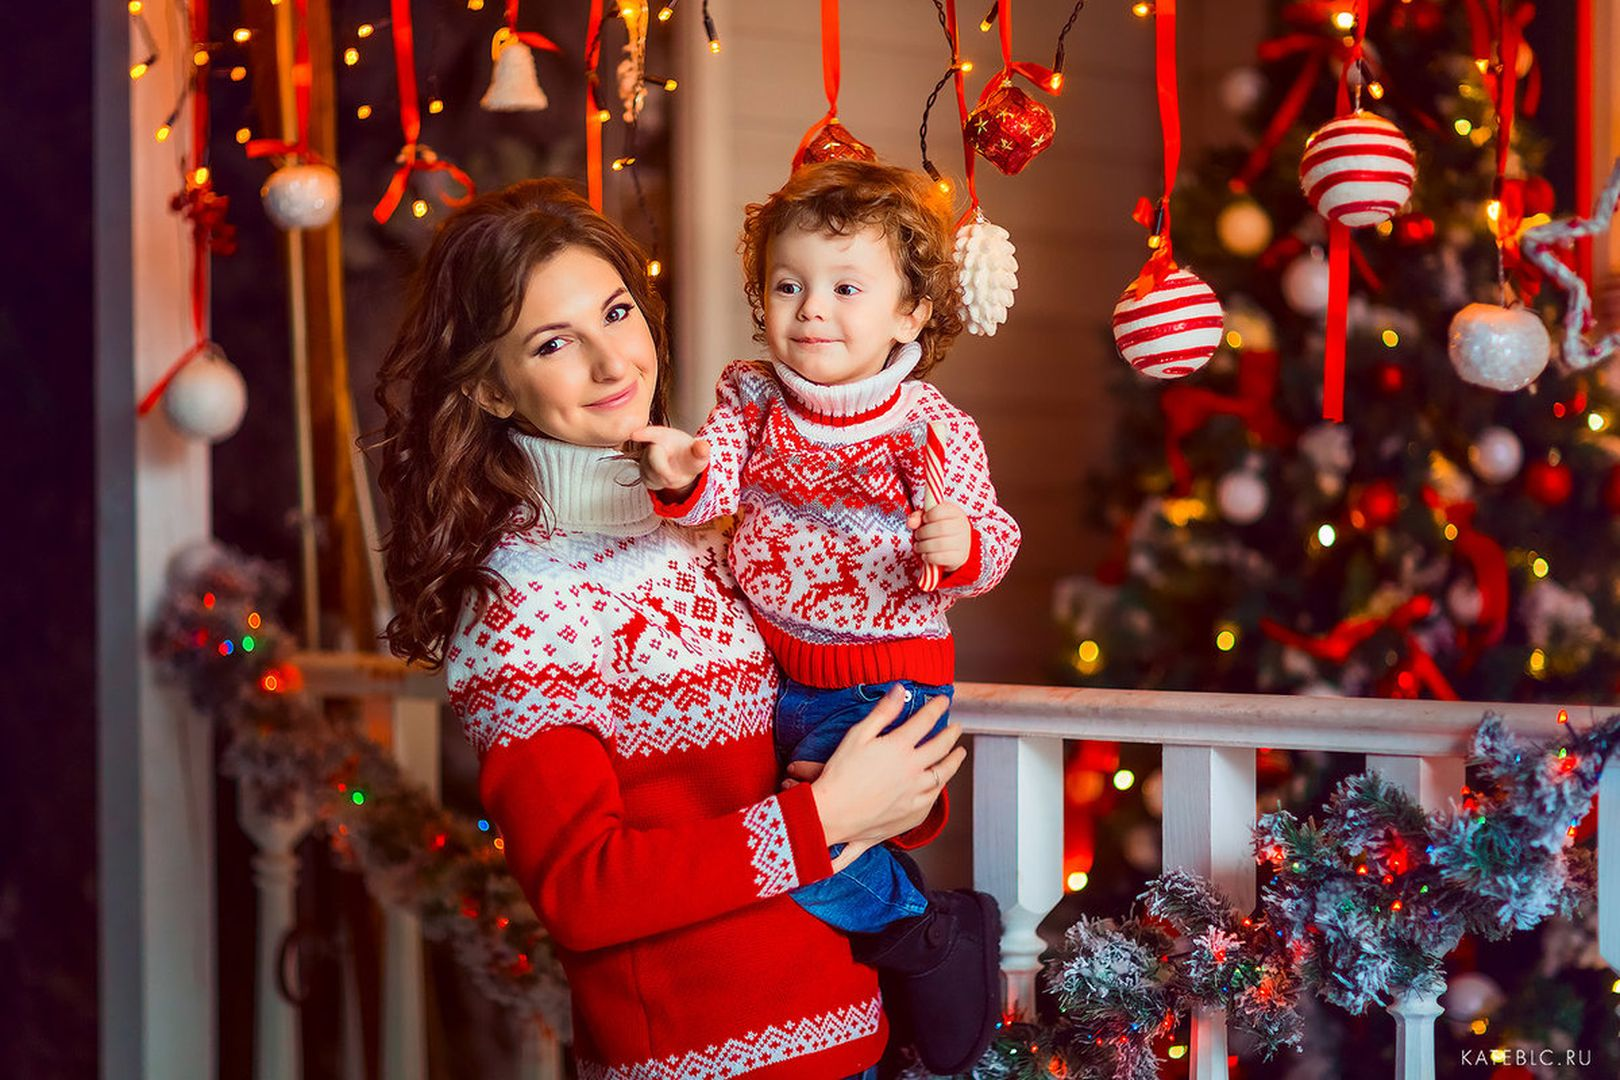 фотосессия на новый год с детьми фотографий красноярска